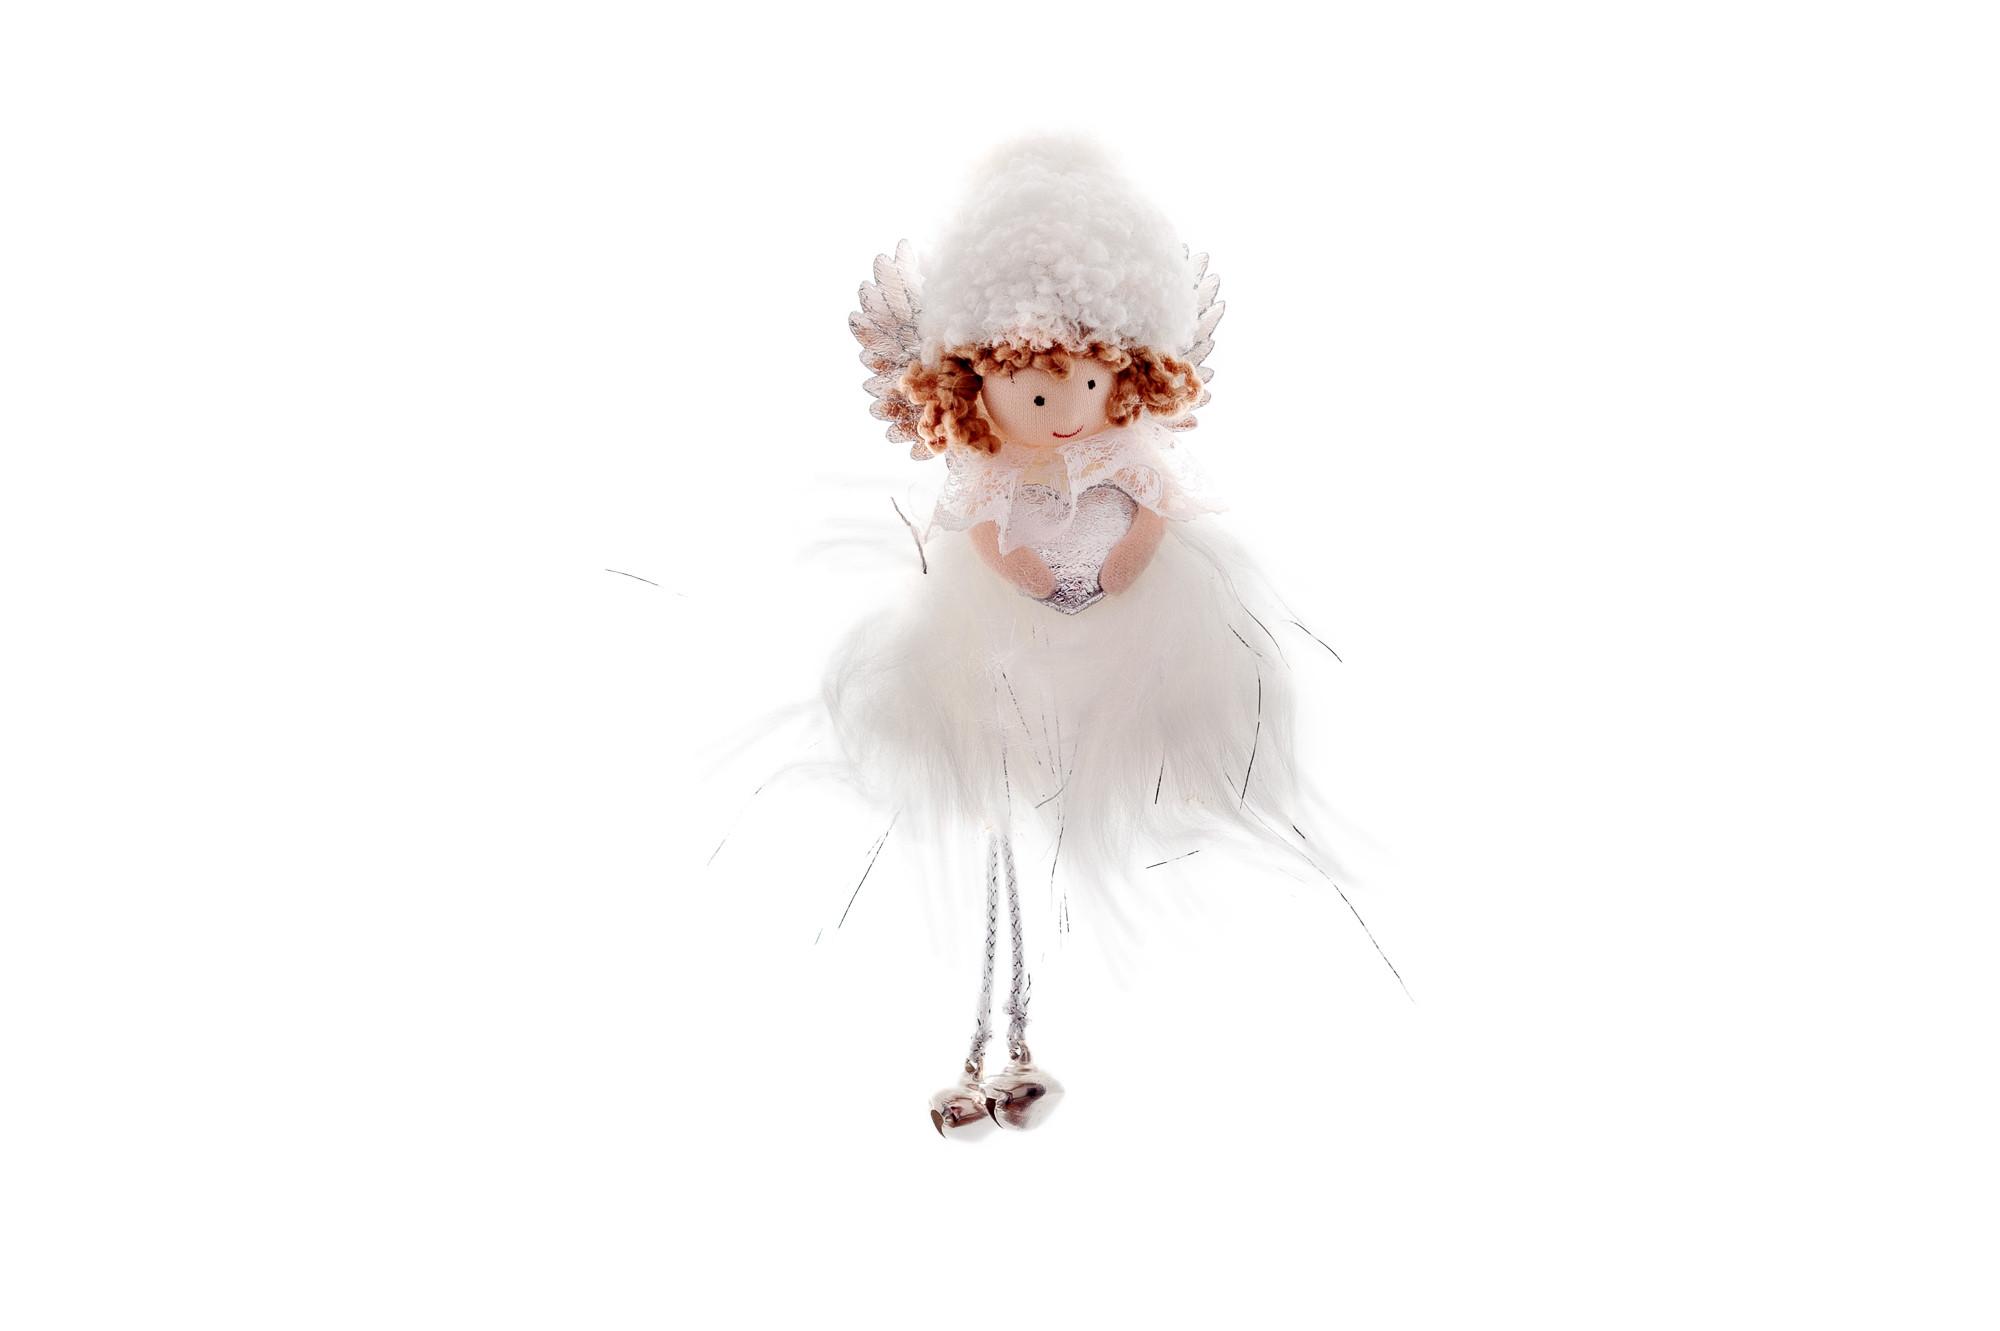 Anděl Lily s rolničkami, 16 cm